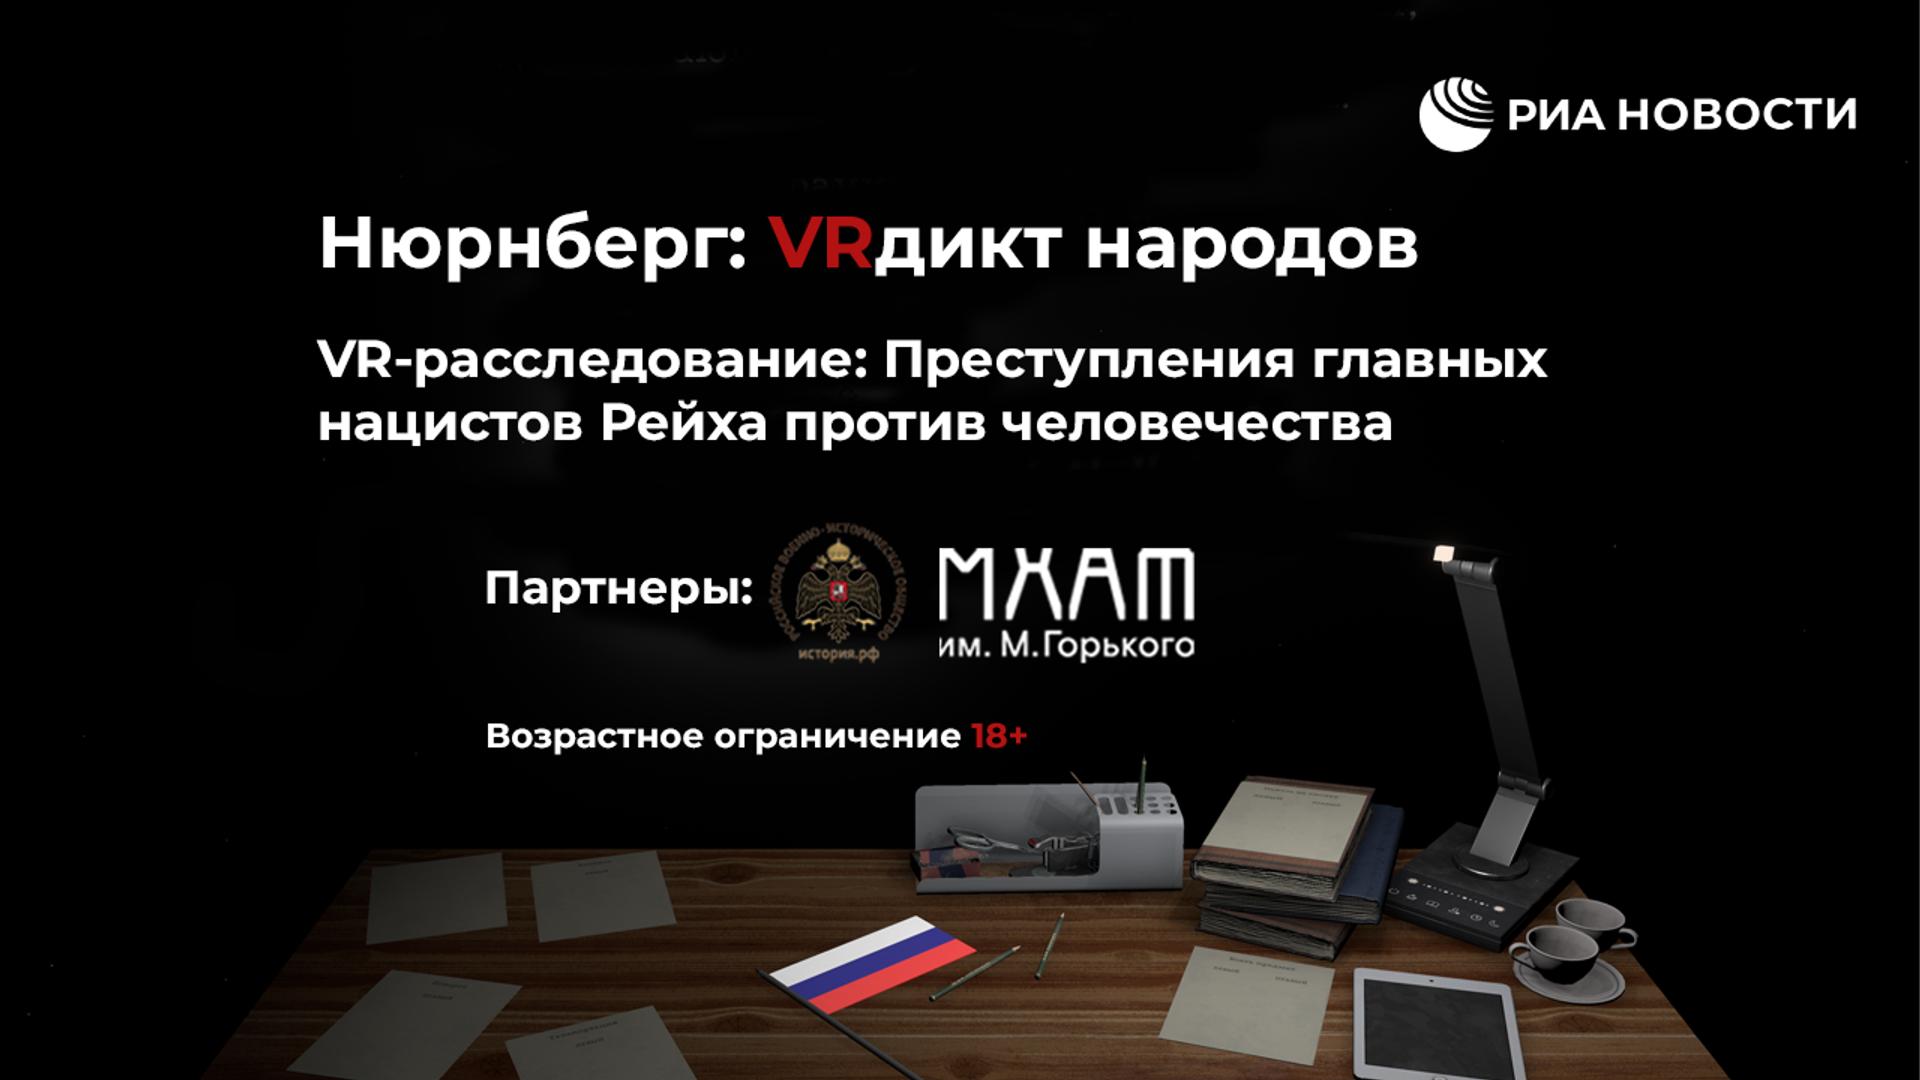 Проект VR-расследование: Преступления главных нацистов Рейха против человечества - Sputnik Латвия, 1920, 12.10.2021